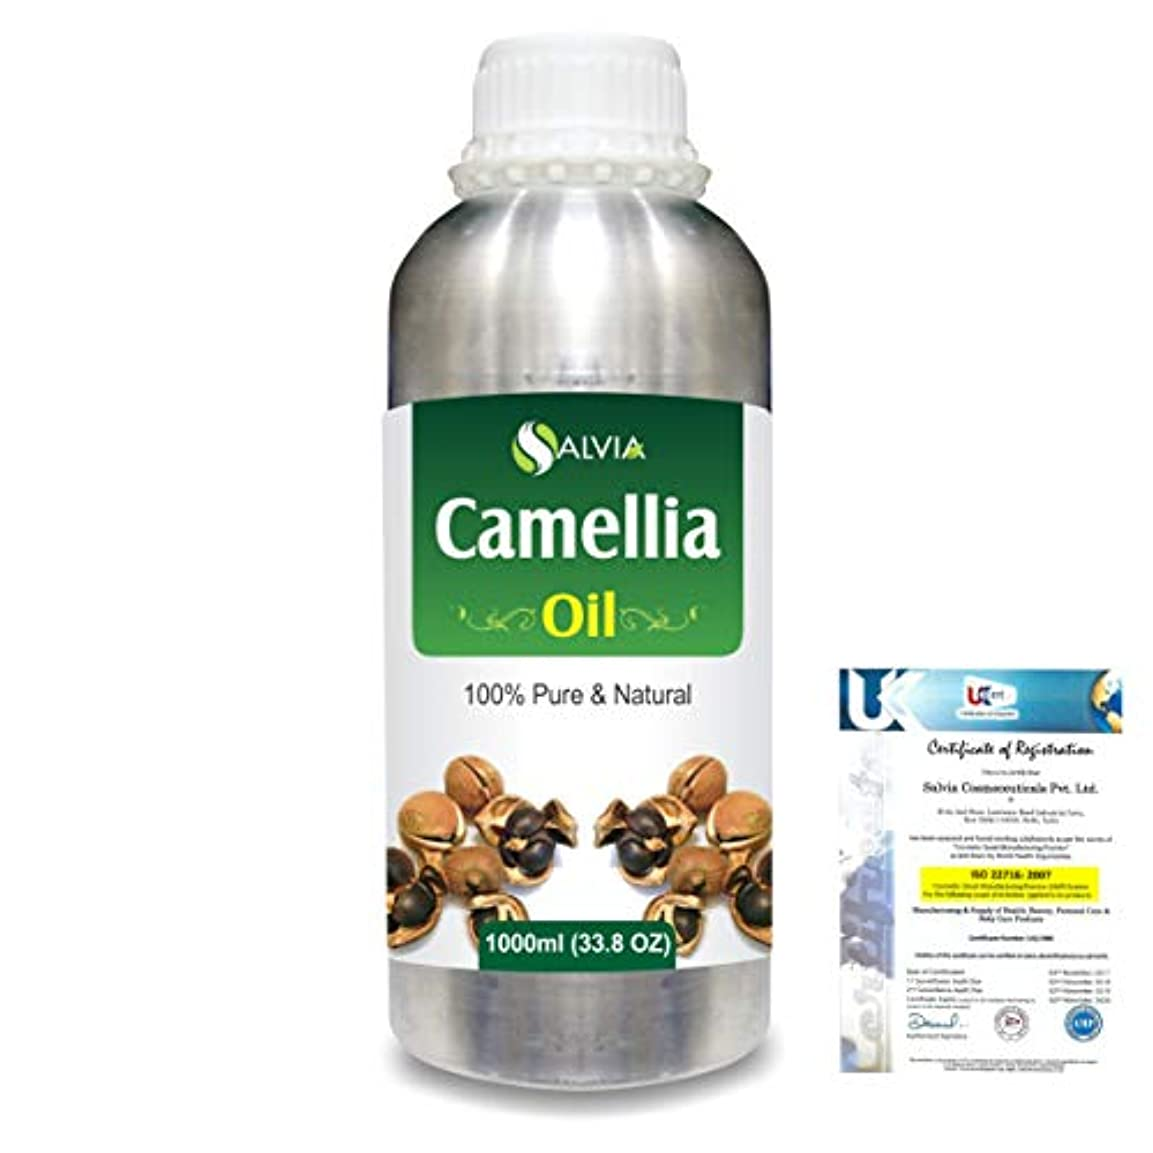 朝の体操をする留め金ズームインするCamellia (Camellia Sasanqua) 100% Natural Pure Essential Oil 1000ml/33.8fl.oz.